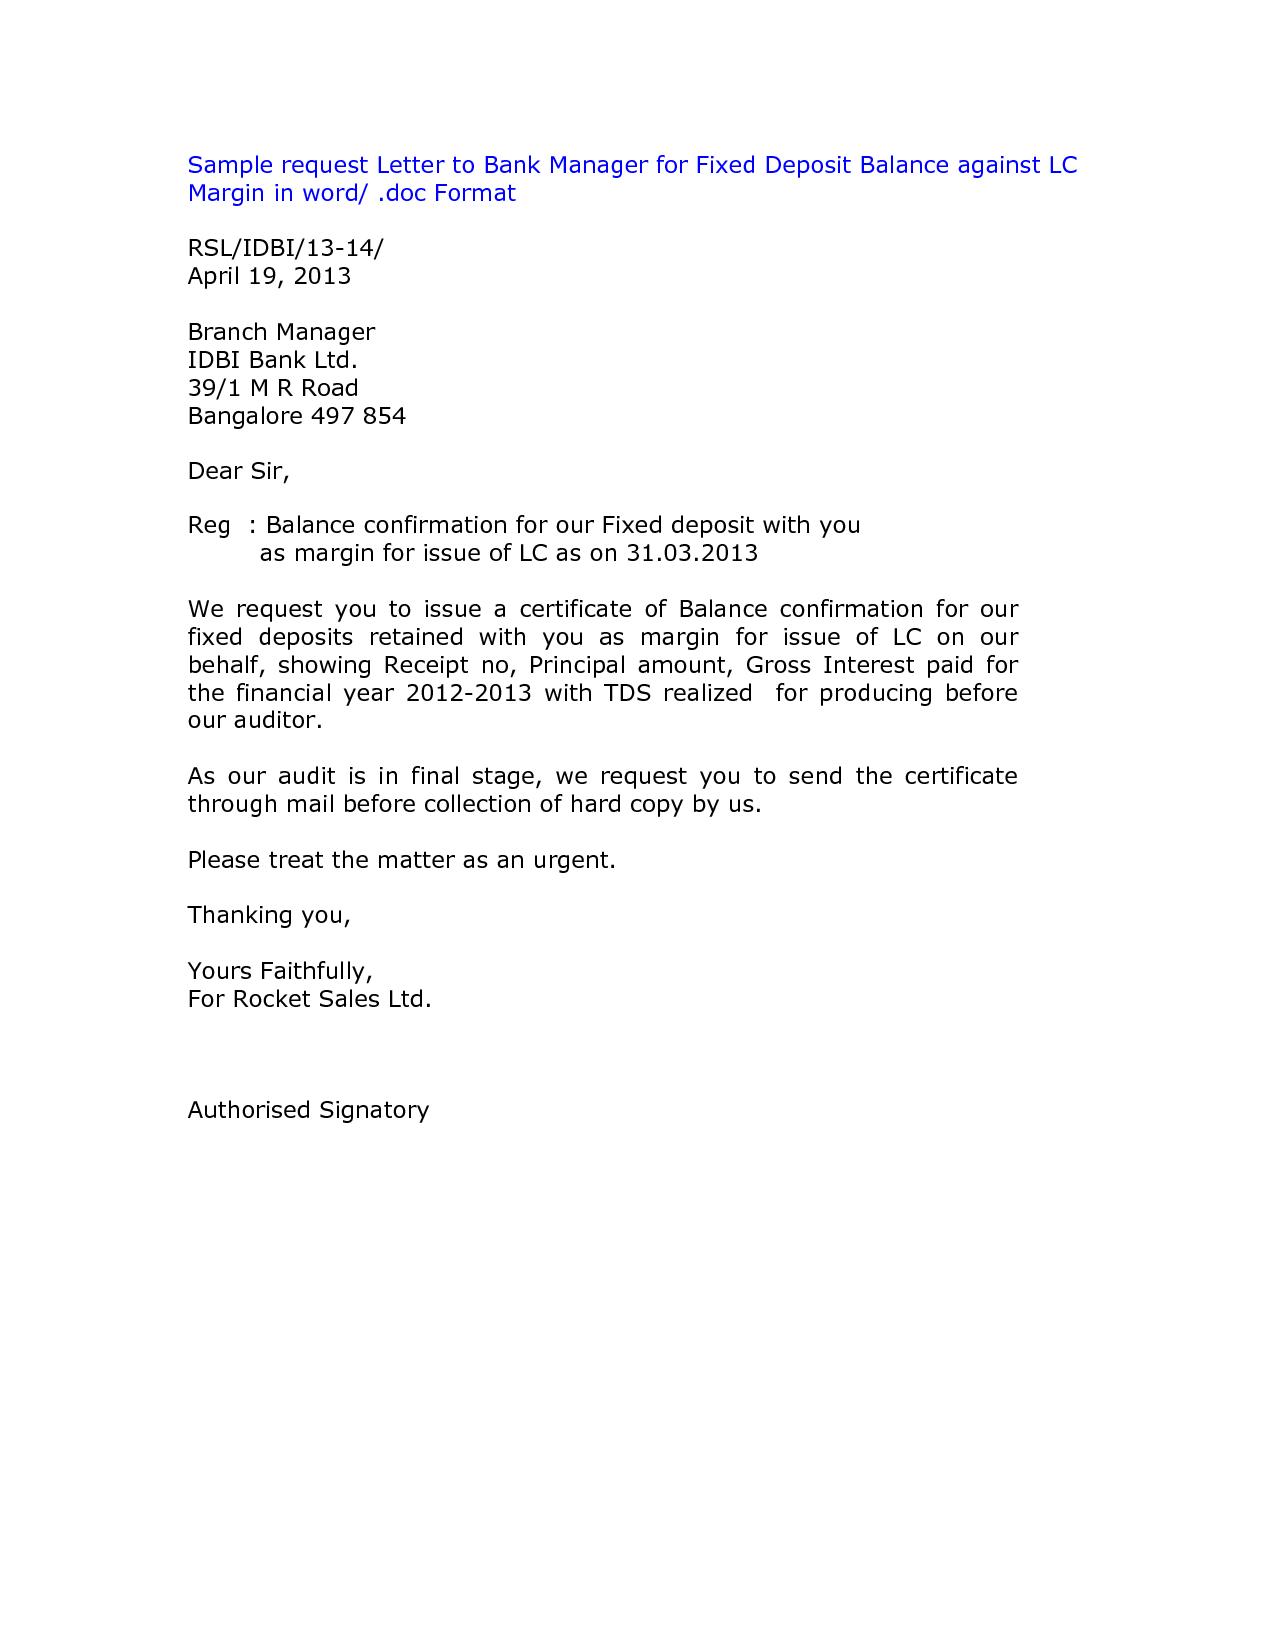 Audit balance confirmation letter nabil bank sample home design audit balance confirmation letter nabil bank sample altavistaventures Gallery